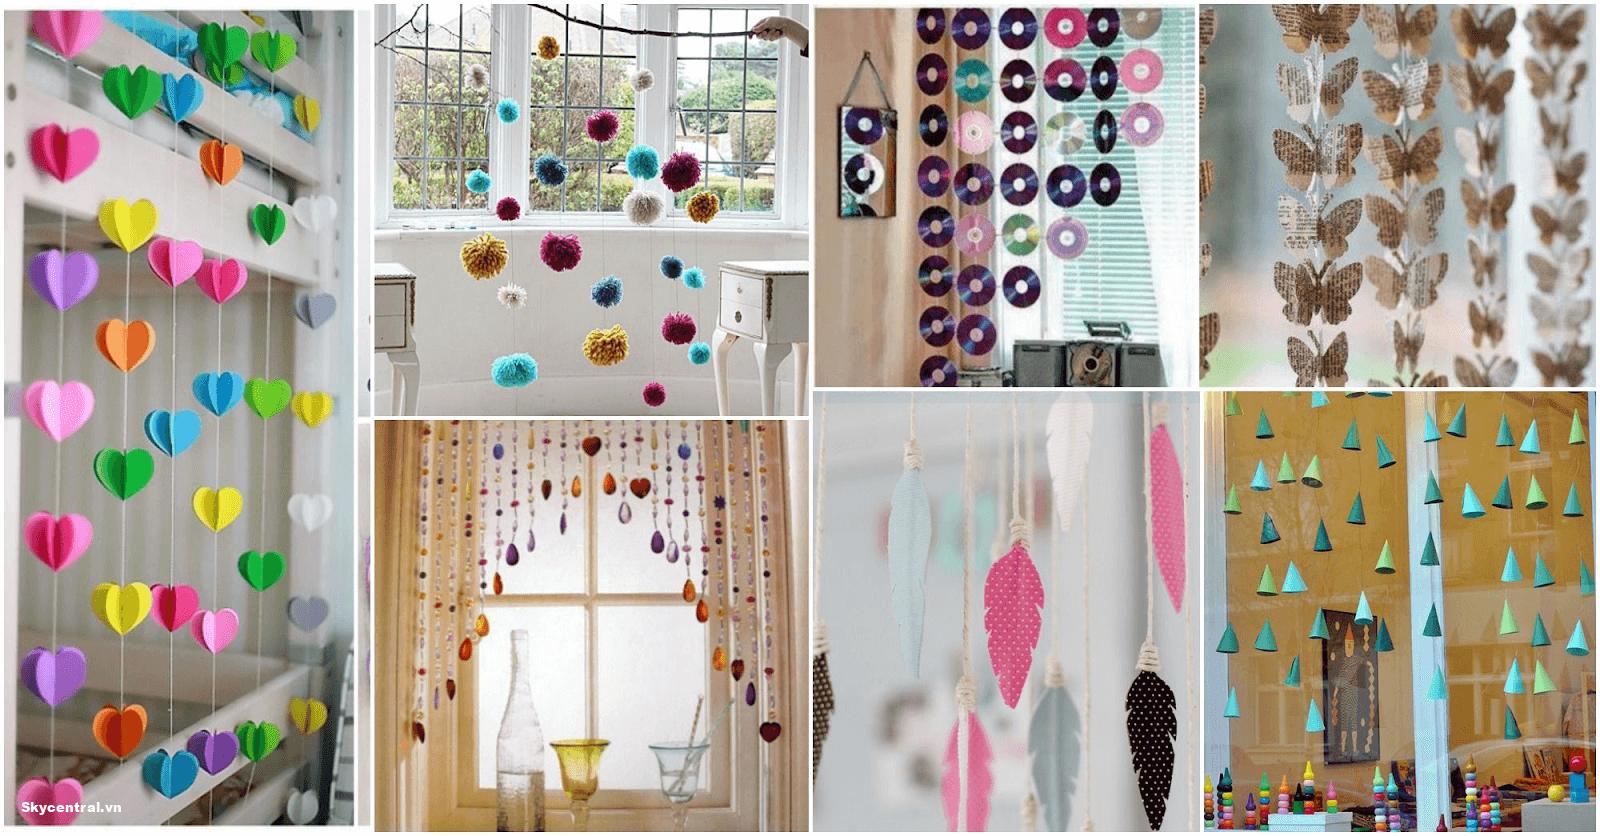 Những gợi ý sáng tạo đầy màu sắc cho cửa sổ lớp học.